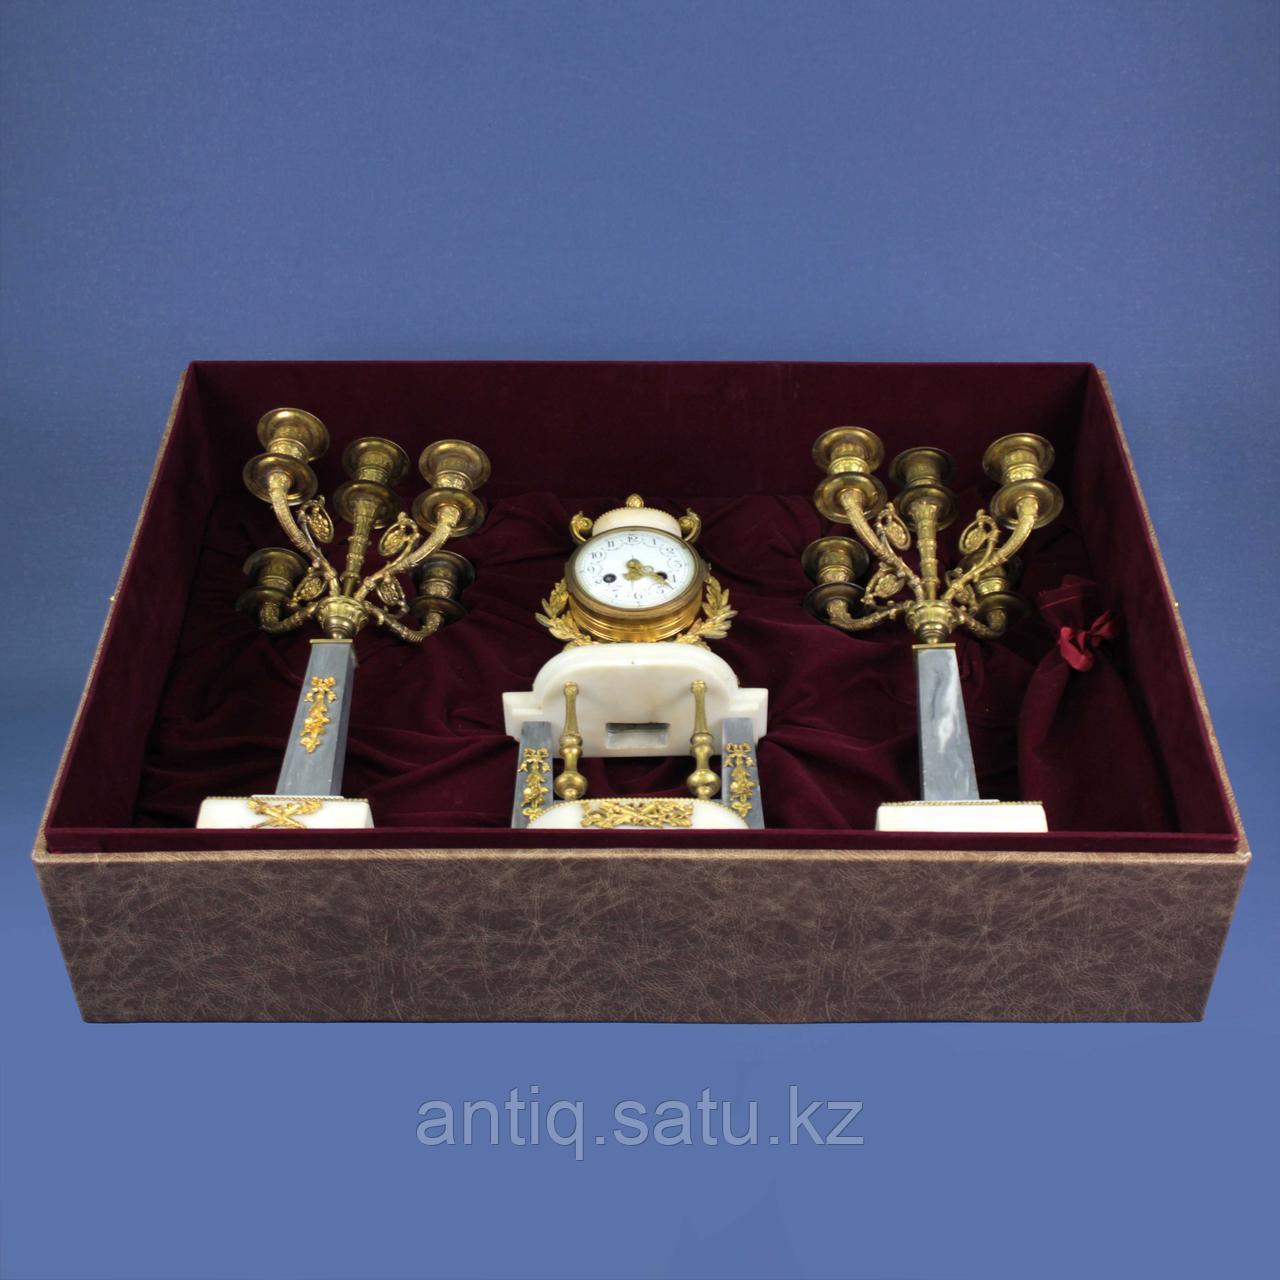 Кабинетный часовой гарнитур в стиле Людовика XVI. 1855 год. Часовая мастерская Vincenti - фото 8